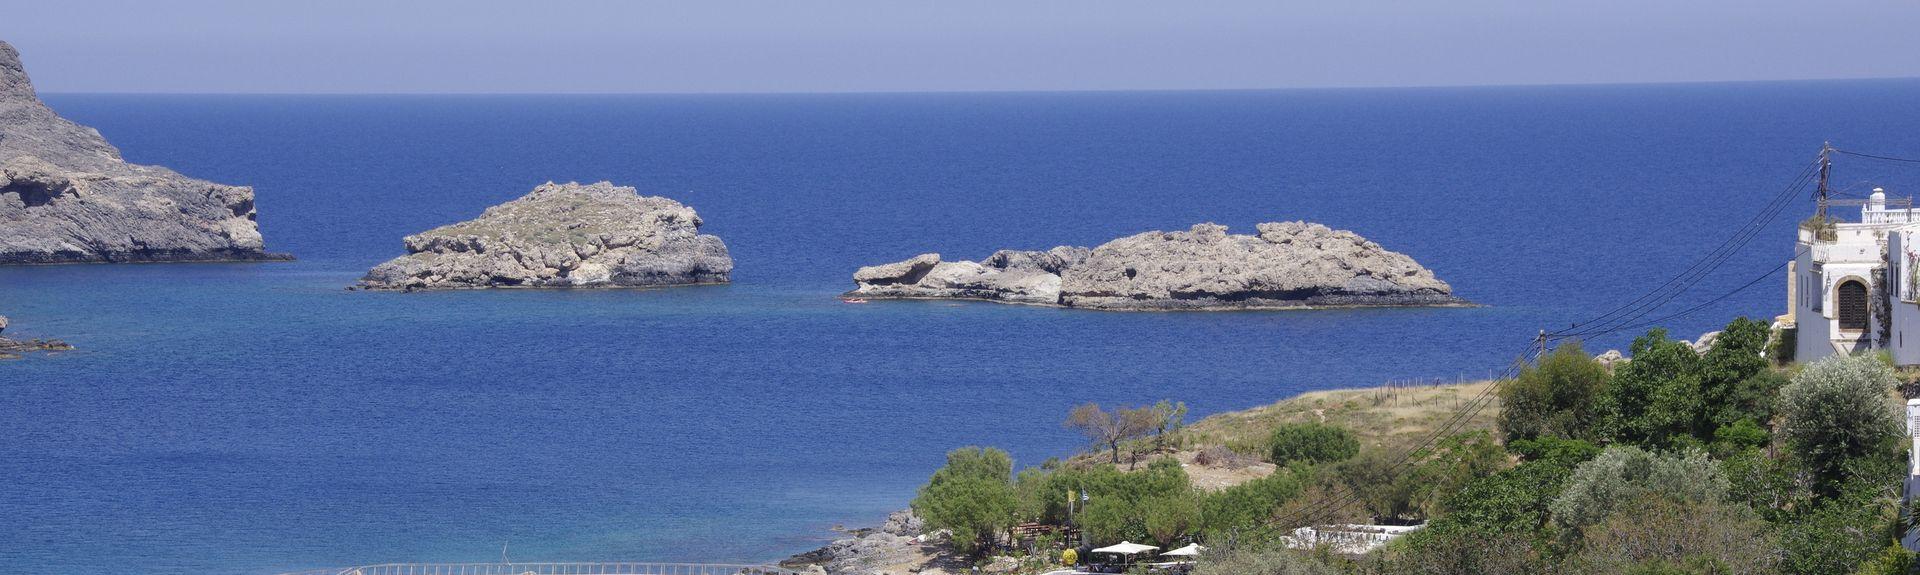 Ψίνθος, Νησιά του Αιγαίου, Ελλάδα